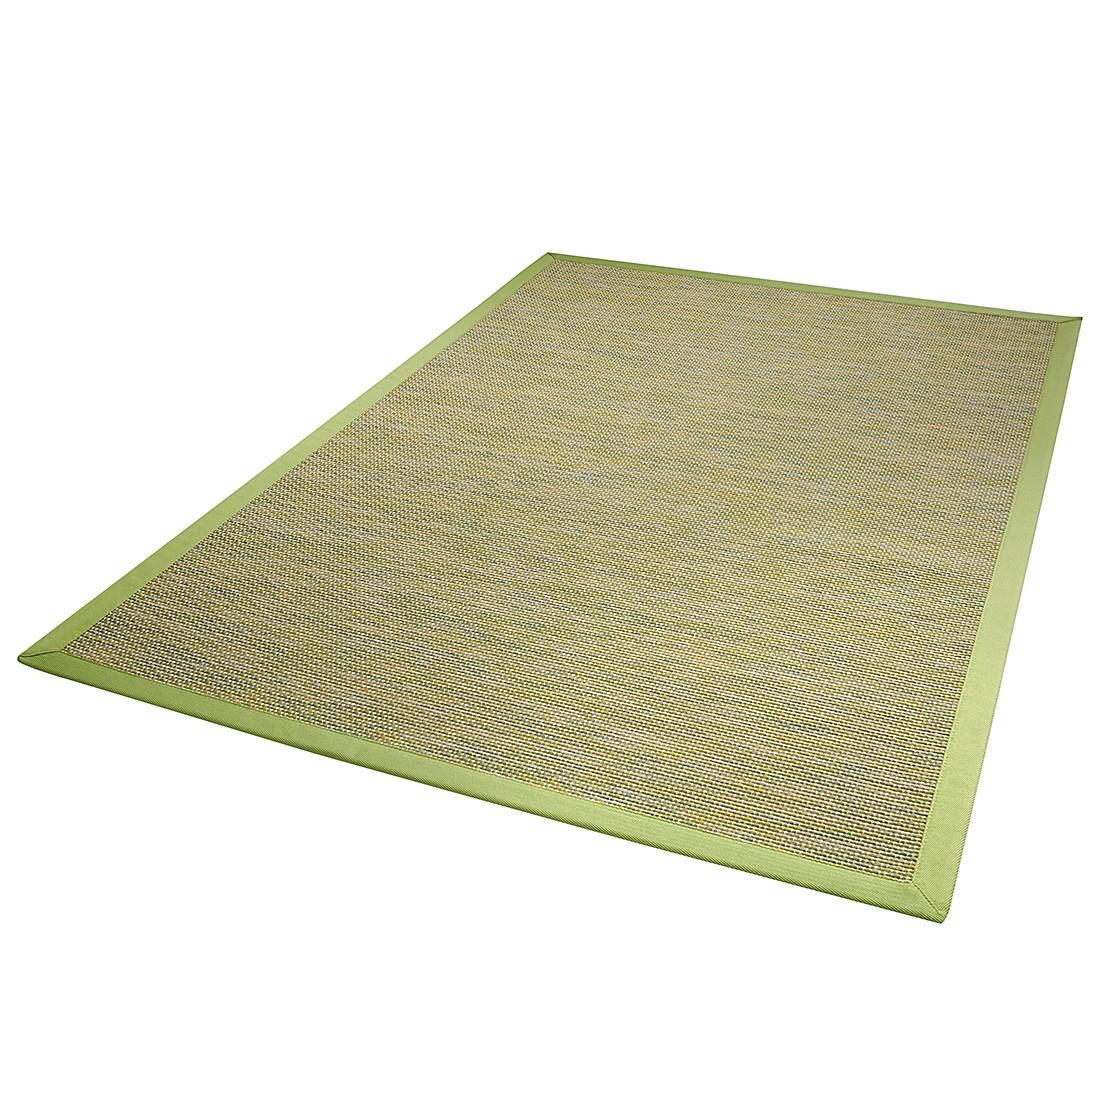 In-/Outdoorteppich Naturino Color – Grün – 80 x 160 cm, DEKOWE jetzt bestellen